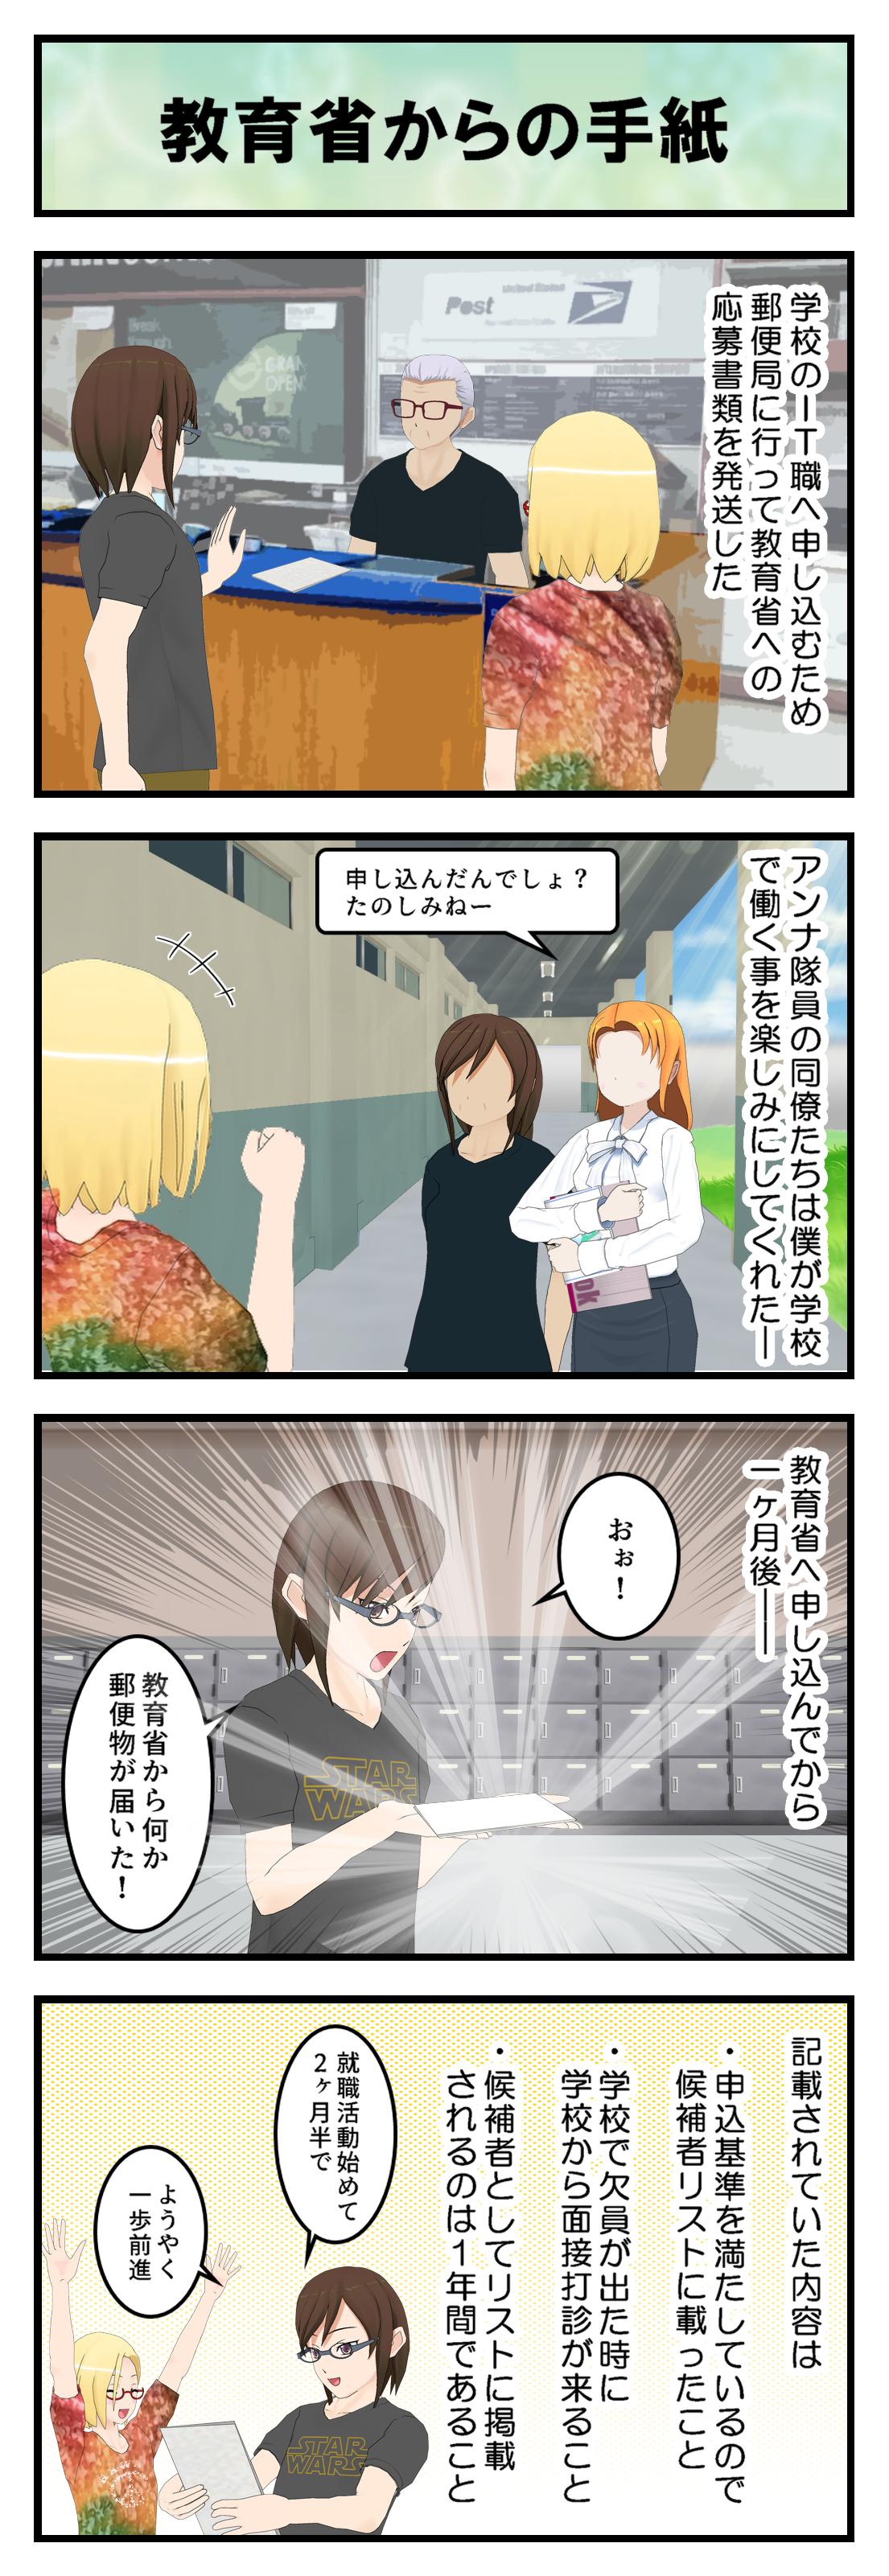 R431_DOE郵送後_001